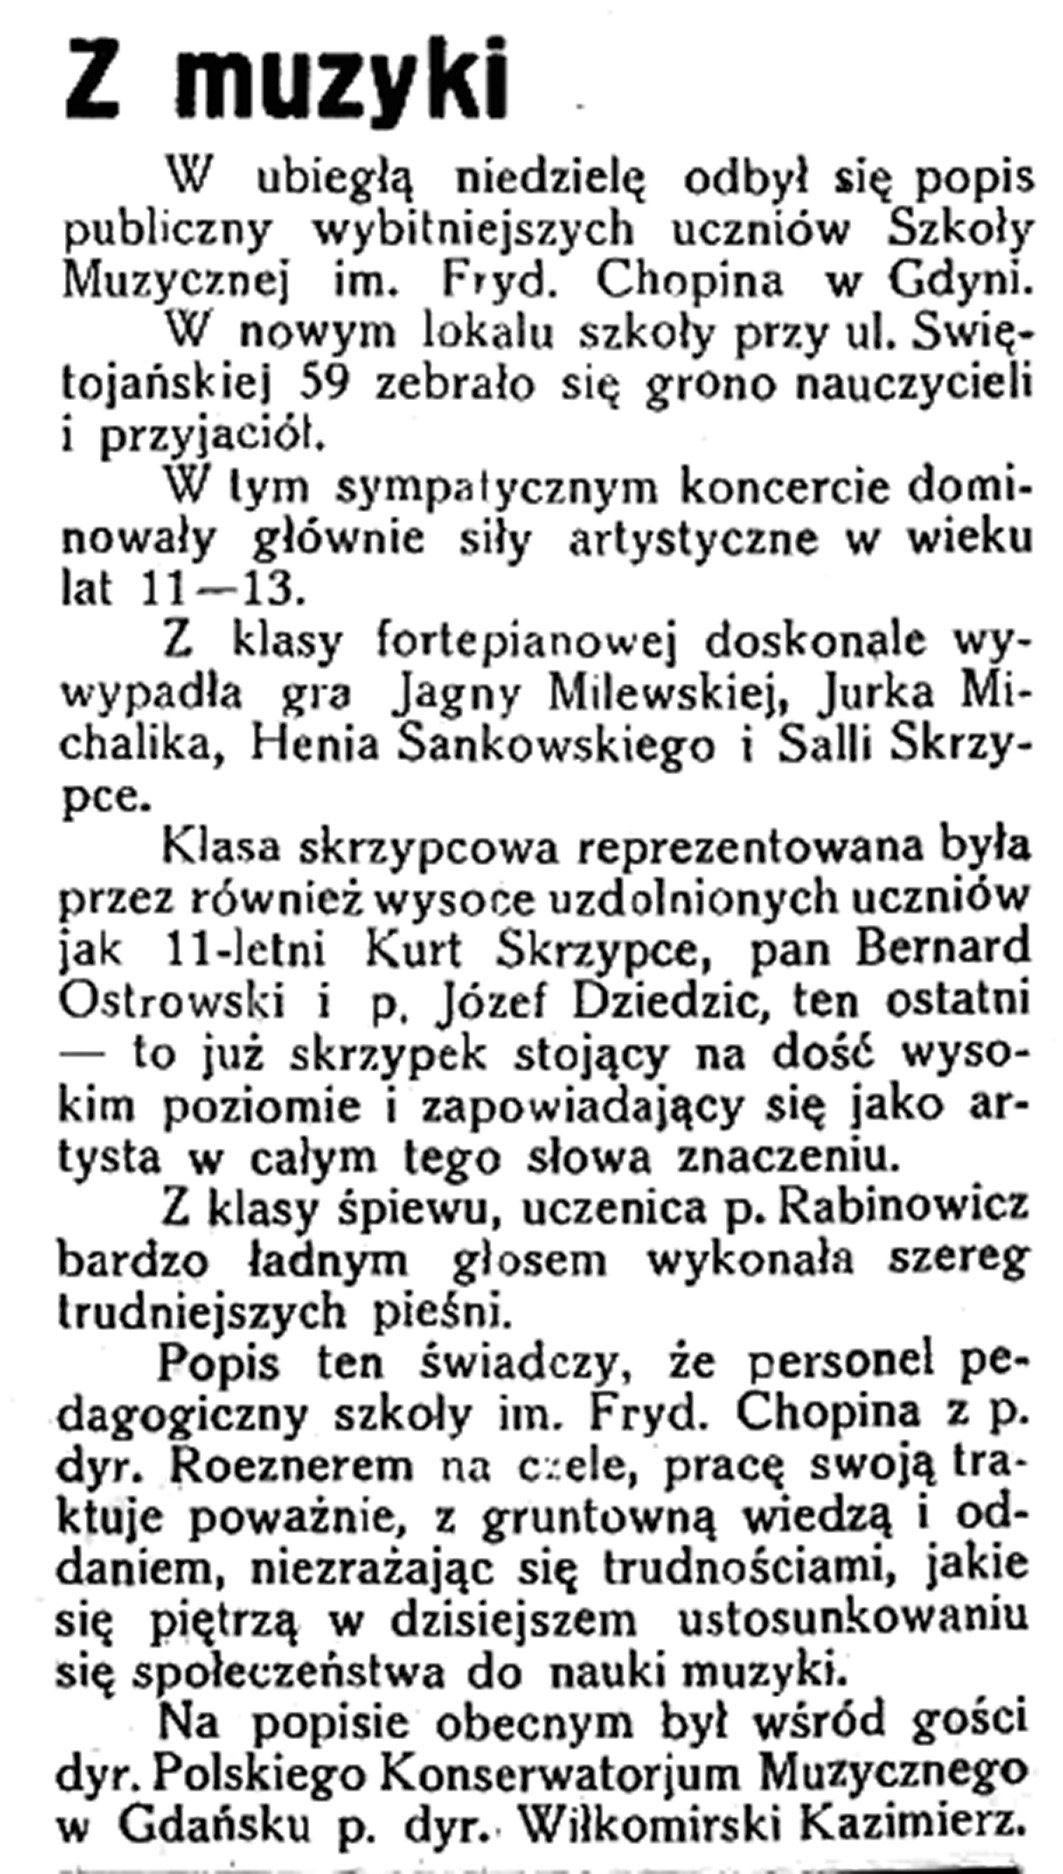 Z muzyki [popis publiczny wybitniejszych uczniów Szkoły Muzycznej im. Fryd. Chopina] // Latarnia Morska. - 1934, nr 46, s. 7